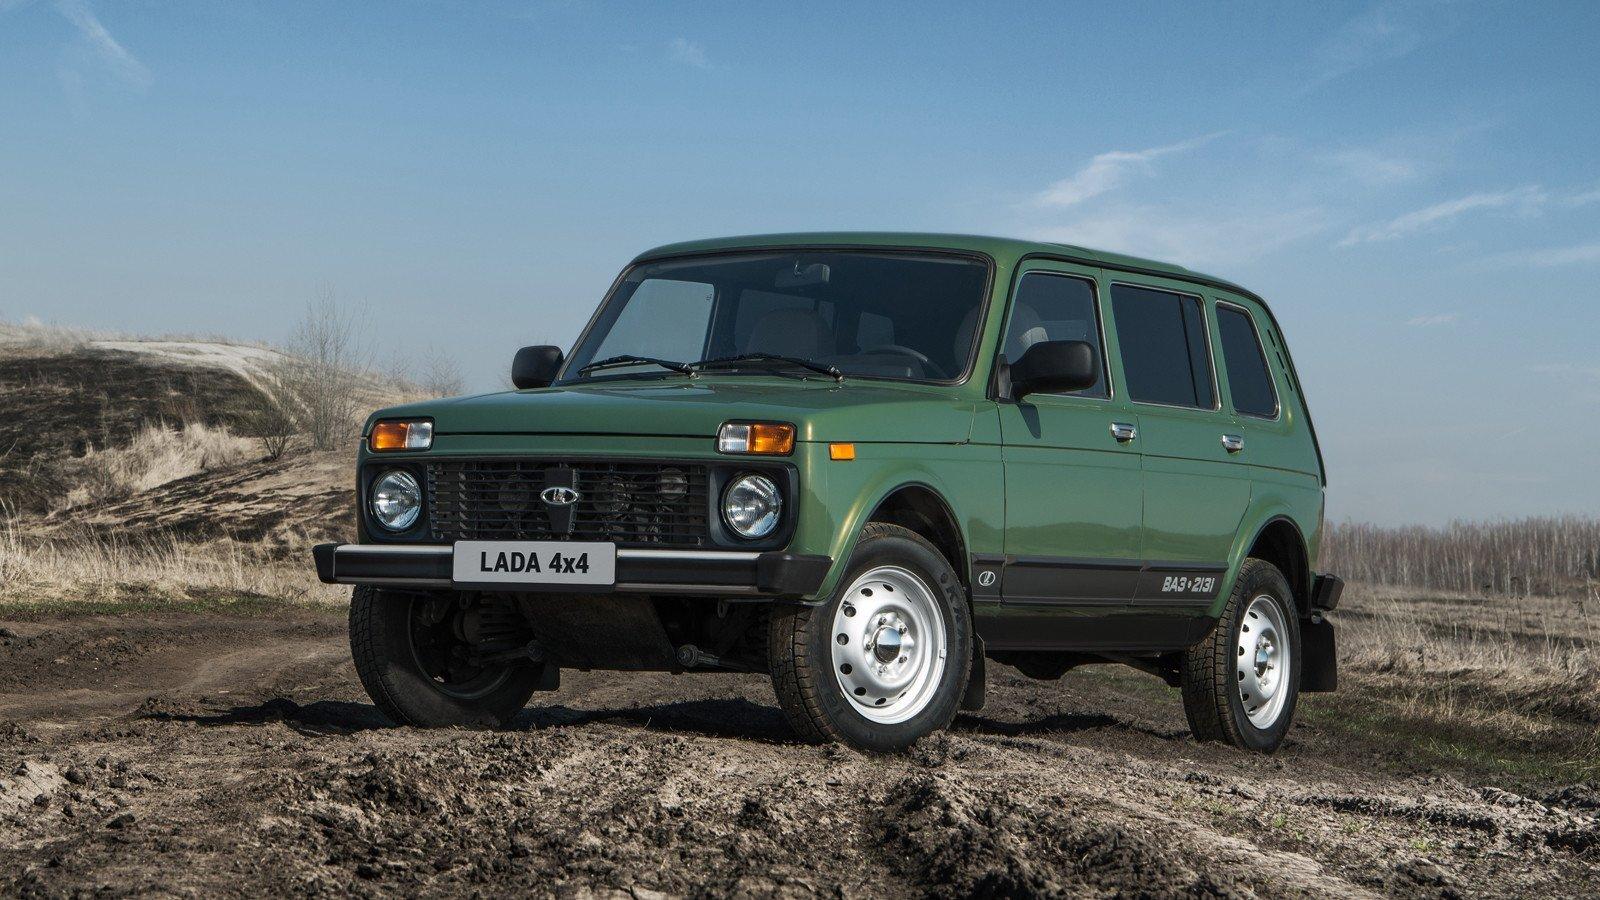 Вседорожный автомобиль Лада 4x4 2-ой месяц подряд стал лидером русского экспорта